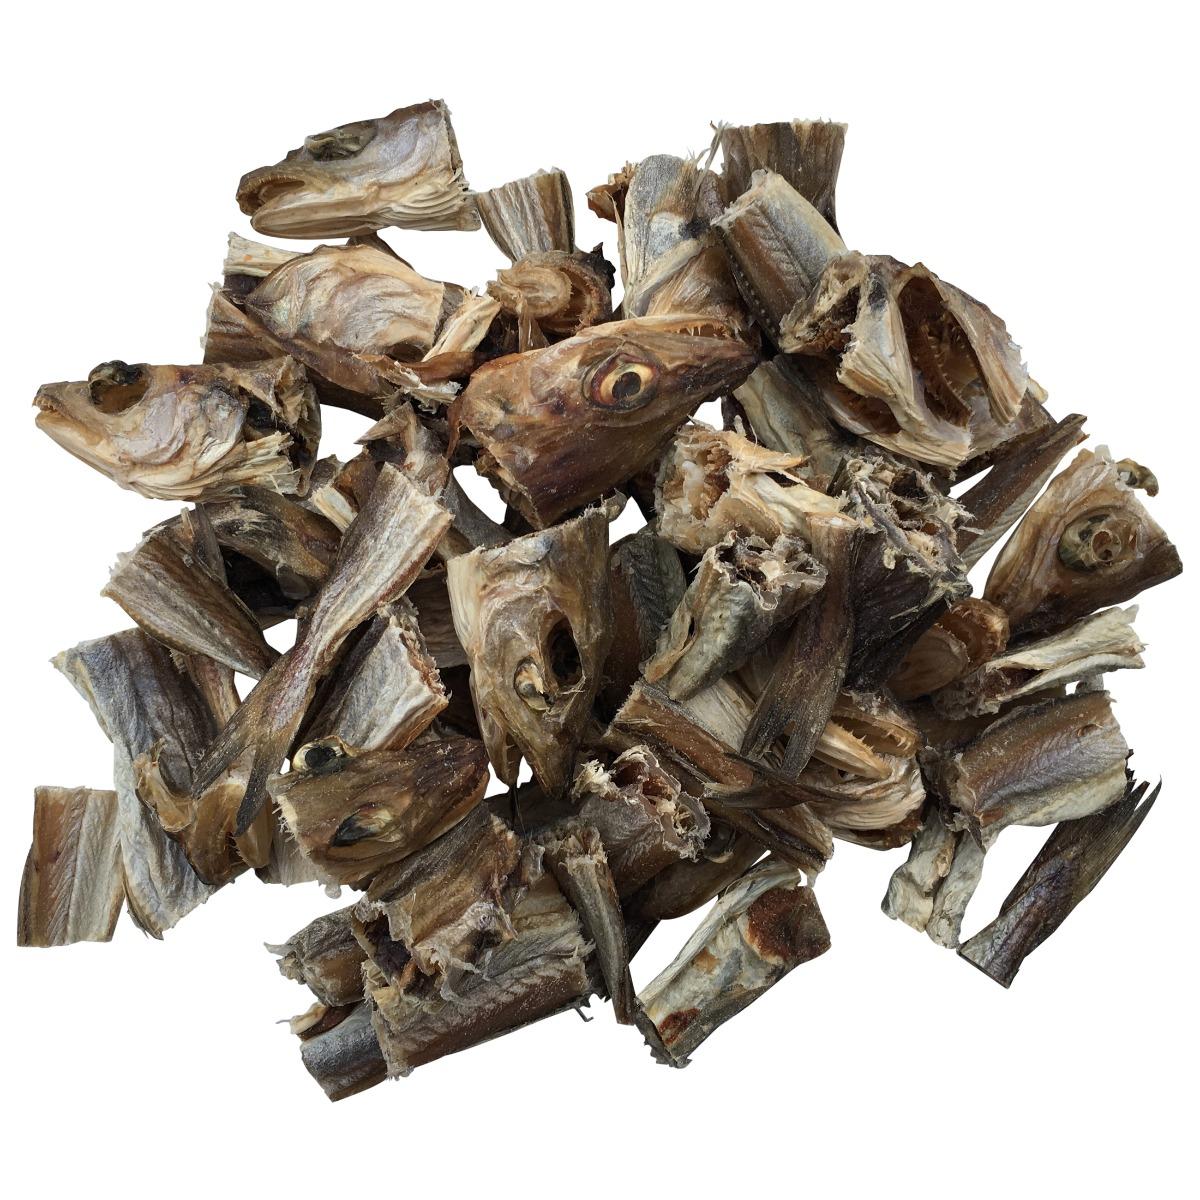 Wat is hondenstokvis? Hondenstokvis is vers gevangen vis die in de buitenlucht wordt gedroogd door de Noorse zon. Door deze luchtdroging wordt het vocht aan de vis onttrokken. Alleen de waardevolle bestanddelen blijven, in geconcentreerde vorm, behouden. De vis wordt nu in handige stukjes gezaagd en geschikt gemaakt voor consumptie. Dit hoogwaardige kwaliteitsproduct is licht verteerbaar en kan zowel als bijvoeding of als hoofdmaaltijd worden gegeven. Voedzaam krachtvoer De voedingswaarde van hondenstokvis is bijzonder groot. 1 kg hondenstokvis komt overeen met 5 kg verse vis. Als hoofdmaaltijd voert u uw hond 1/5 deel van wat u normaal aan vis of vlees voert. Laat hem daarbij zoveel water drinken als hij lust. Eventueel kan bruinbrood de maaltijd compleet maken. Hierdoor ontstaat een goede en gezonde maagvulling zonder dat de maag overbelast wordt. Uw hond smult ervan Ja, uw hond zal hondenstokvis lekker vinden en hij kan er heerlijk op knagen...dat doet uw hond van nature graag. Geef hem als bijvoeding 's morgens en 's avonds een stukje stokvis, hij is u er dankbaar voor. 'n Glanzende vacht Reeds na enige dagen ziet u resultaat van dit voedsel. De vacht wordt zichtbaar zachter en gladder, uw hond is levendiger en straalt vitaliteit uit. Probeer het vandaag nog. Houdbaarheid Hondenstokvis is lang houdbaar als het koel en droog bewaard wordt (bijvoorbeeld in een afgesloten trommel of emmer). Ook voor puppies Juist voor jonge honden is een goede voeding belangrijk. Puppies, zo uit een nest moeten gelijk aan krachtig en gezond voer gewend raken. Ook helpt een het een sterk gebit te krijgen. Geef ze daarom geregeld een stukje hondenstokvis.